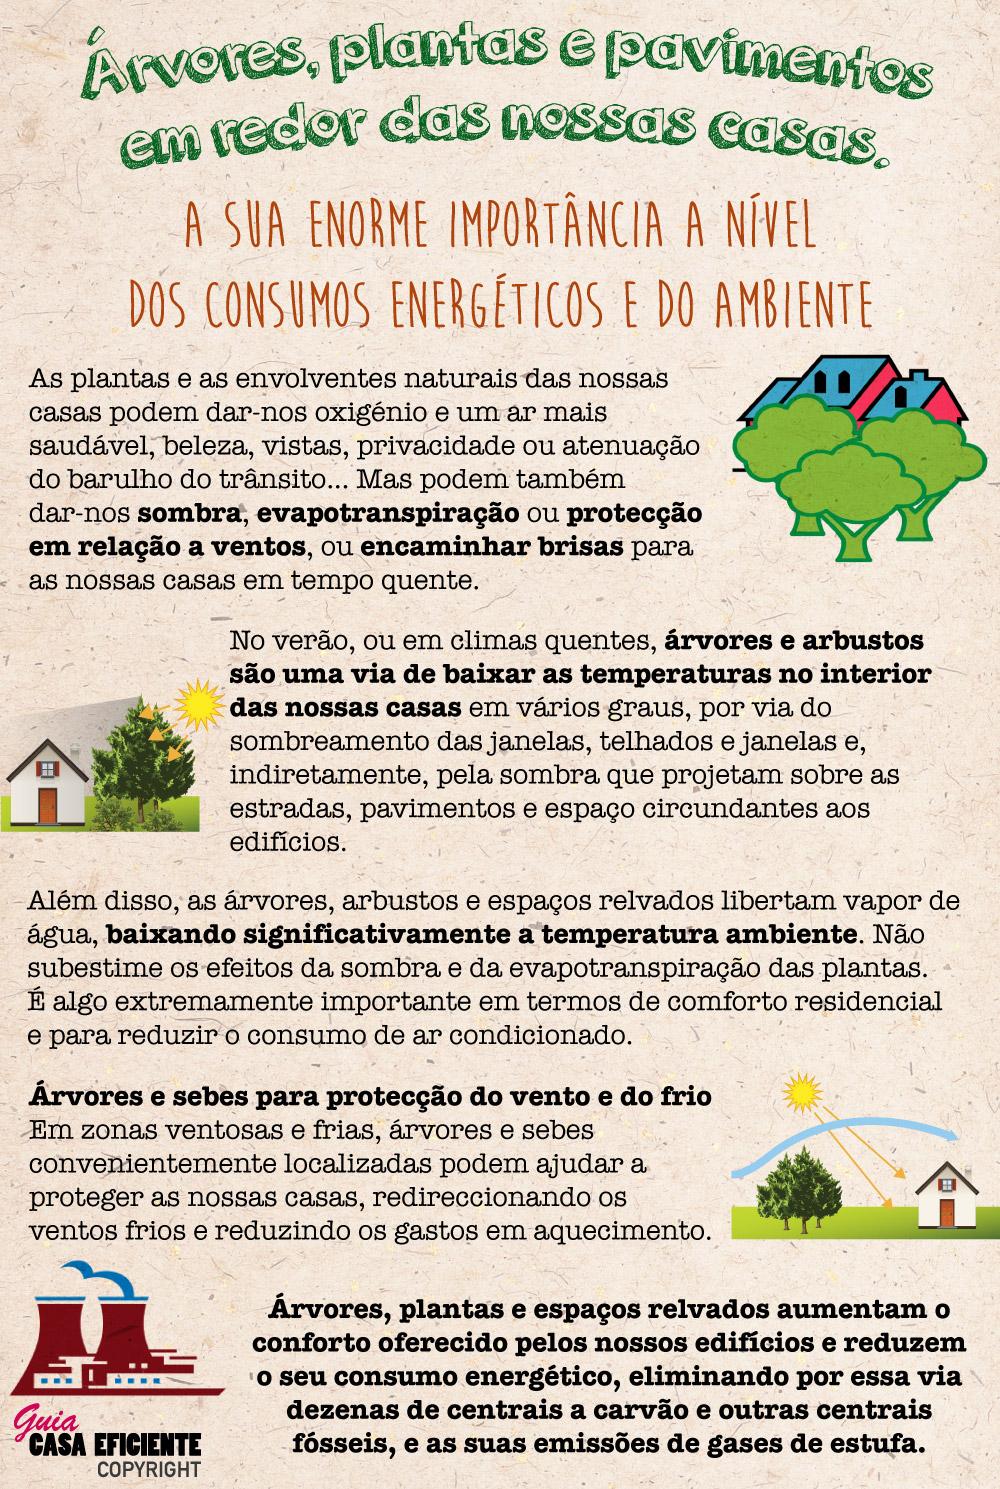 Árvores, plantas e pavimentos junto às nossas casas